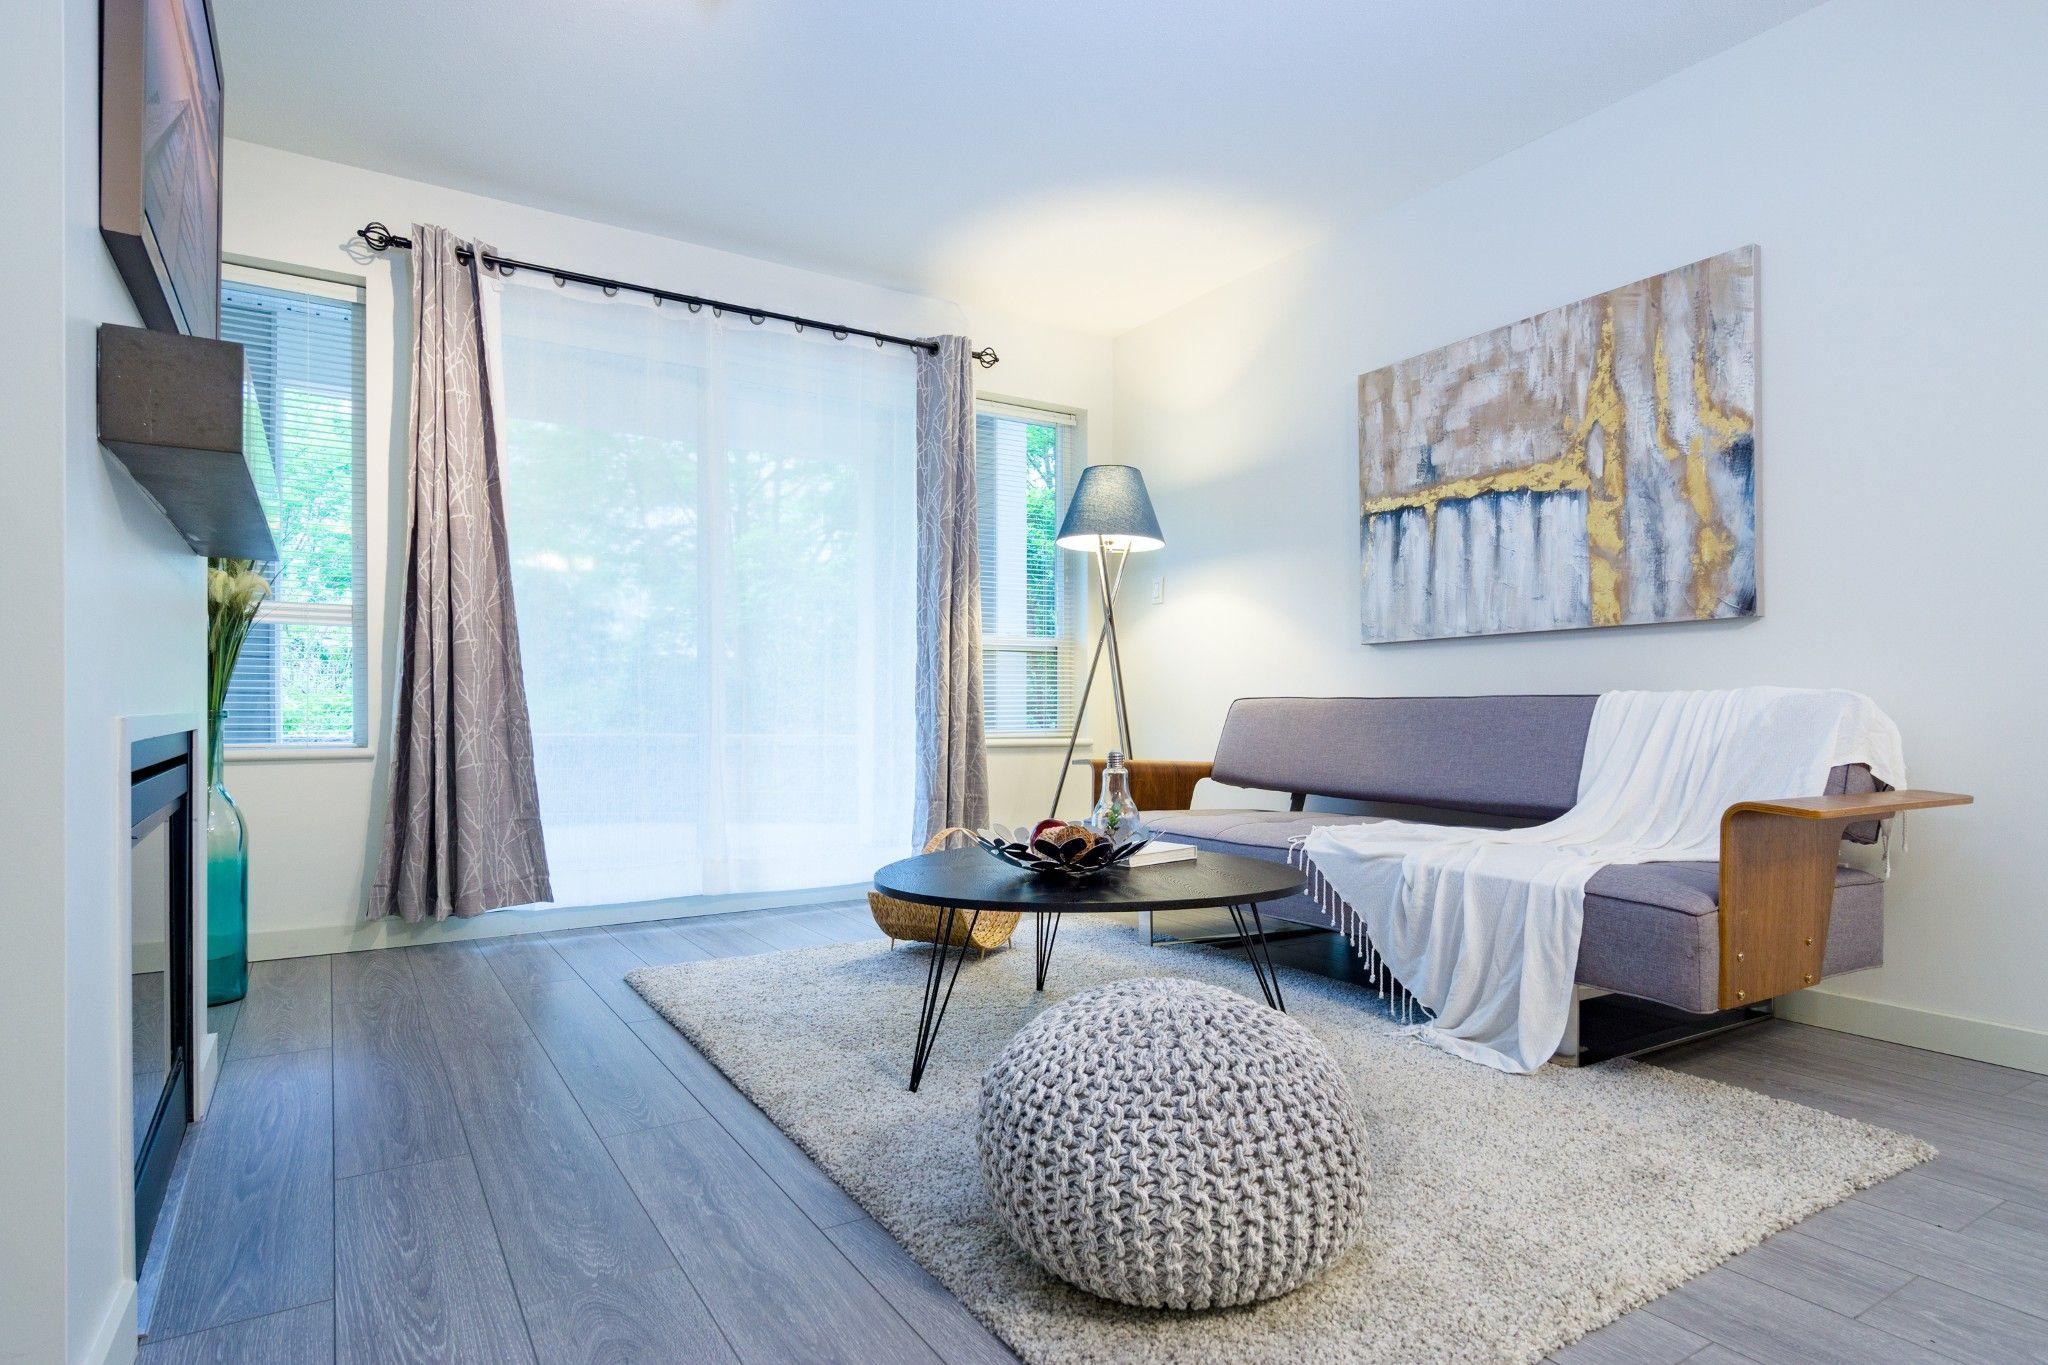 """Main Photo: 105 8120 JONES Road in Richmond: Brighouse South Condo for sale in """"VICTORIA PARK (ZENIA GARDEN)"""" : MLS®# R2283281"""